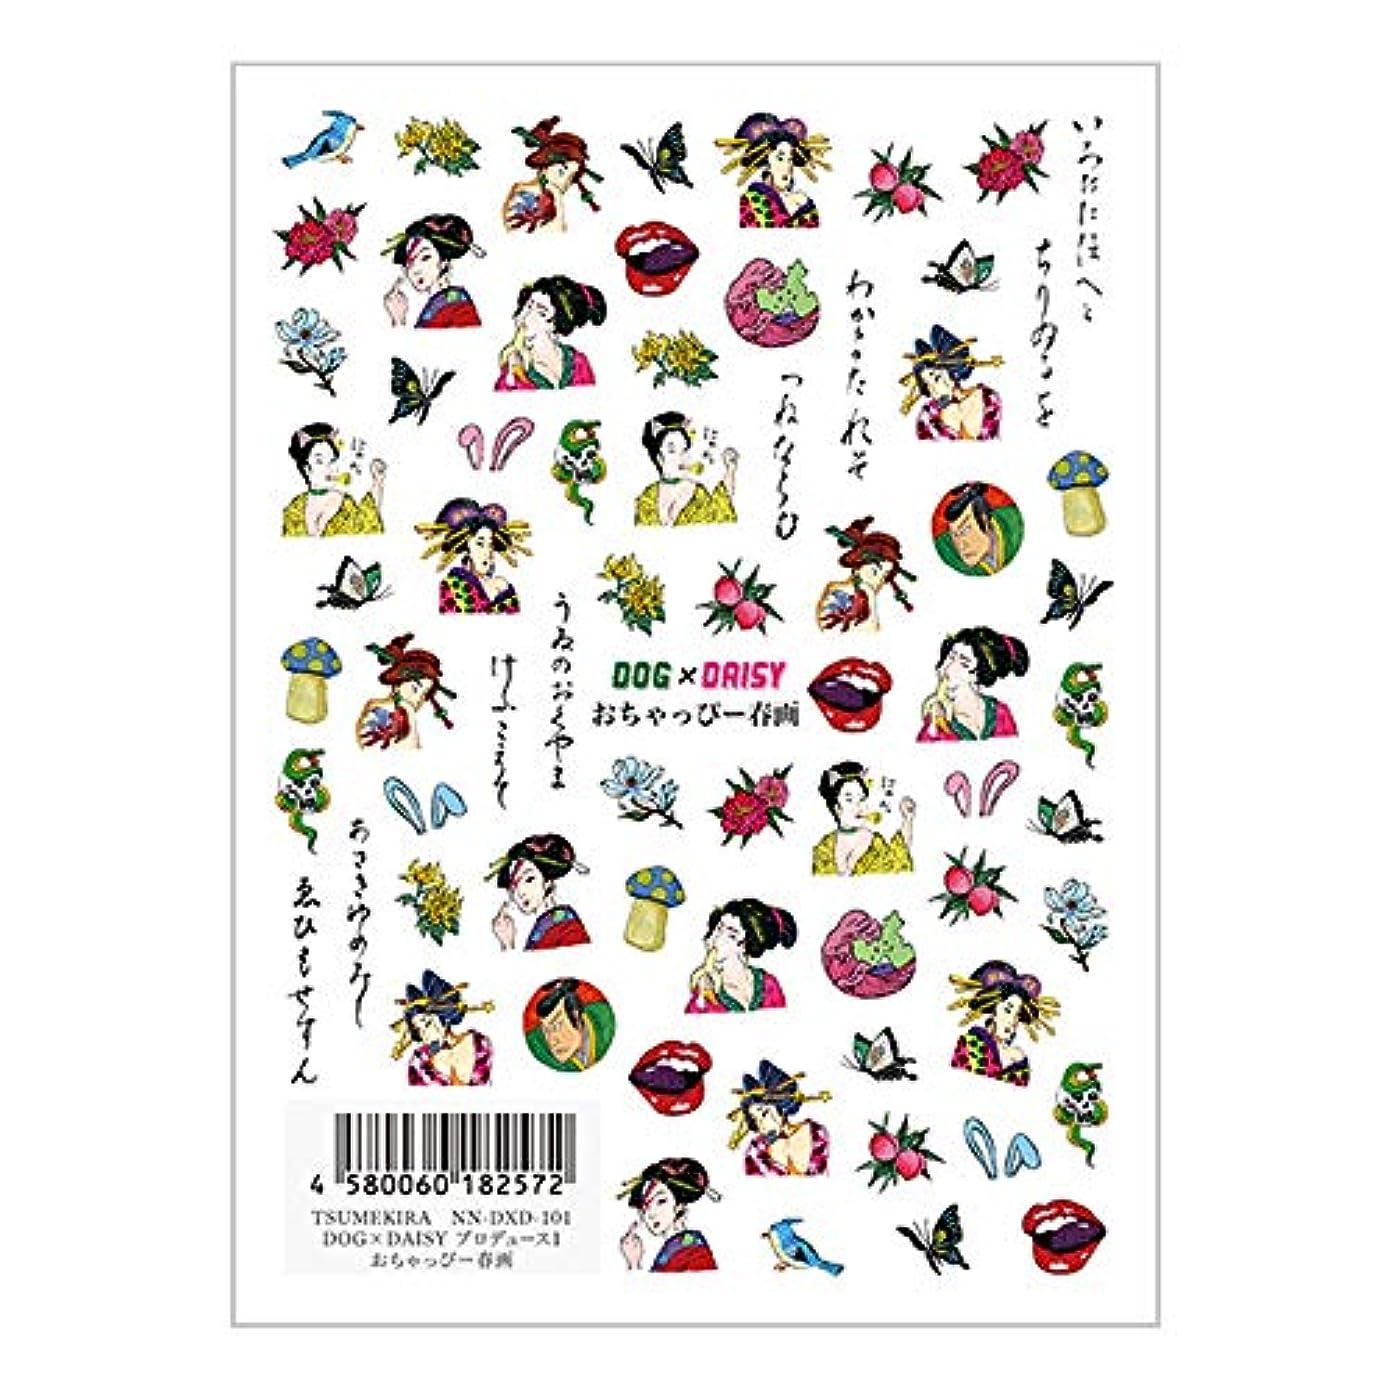 焦げ突っ込む高音TSUMEKIRA(ツメキラ) ネイルシール DOG×DAISYプロデュース1 おちゃっぴー春画 NN-DXD-101